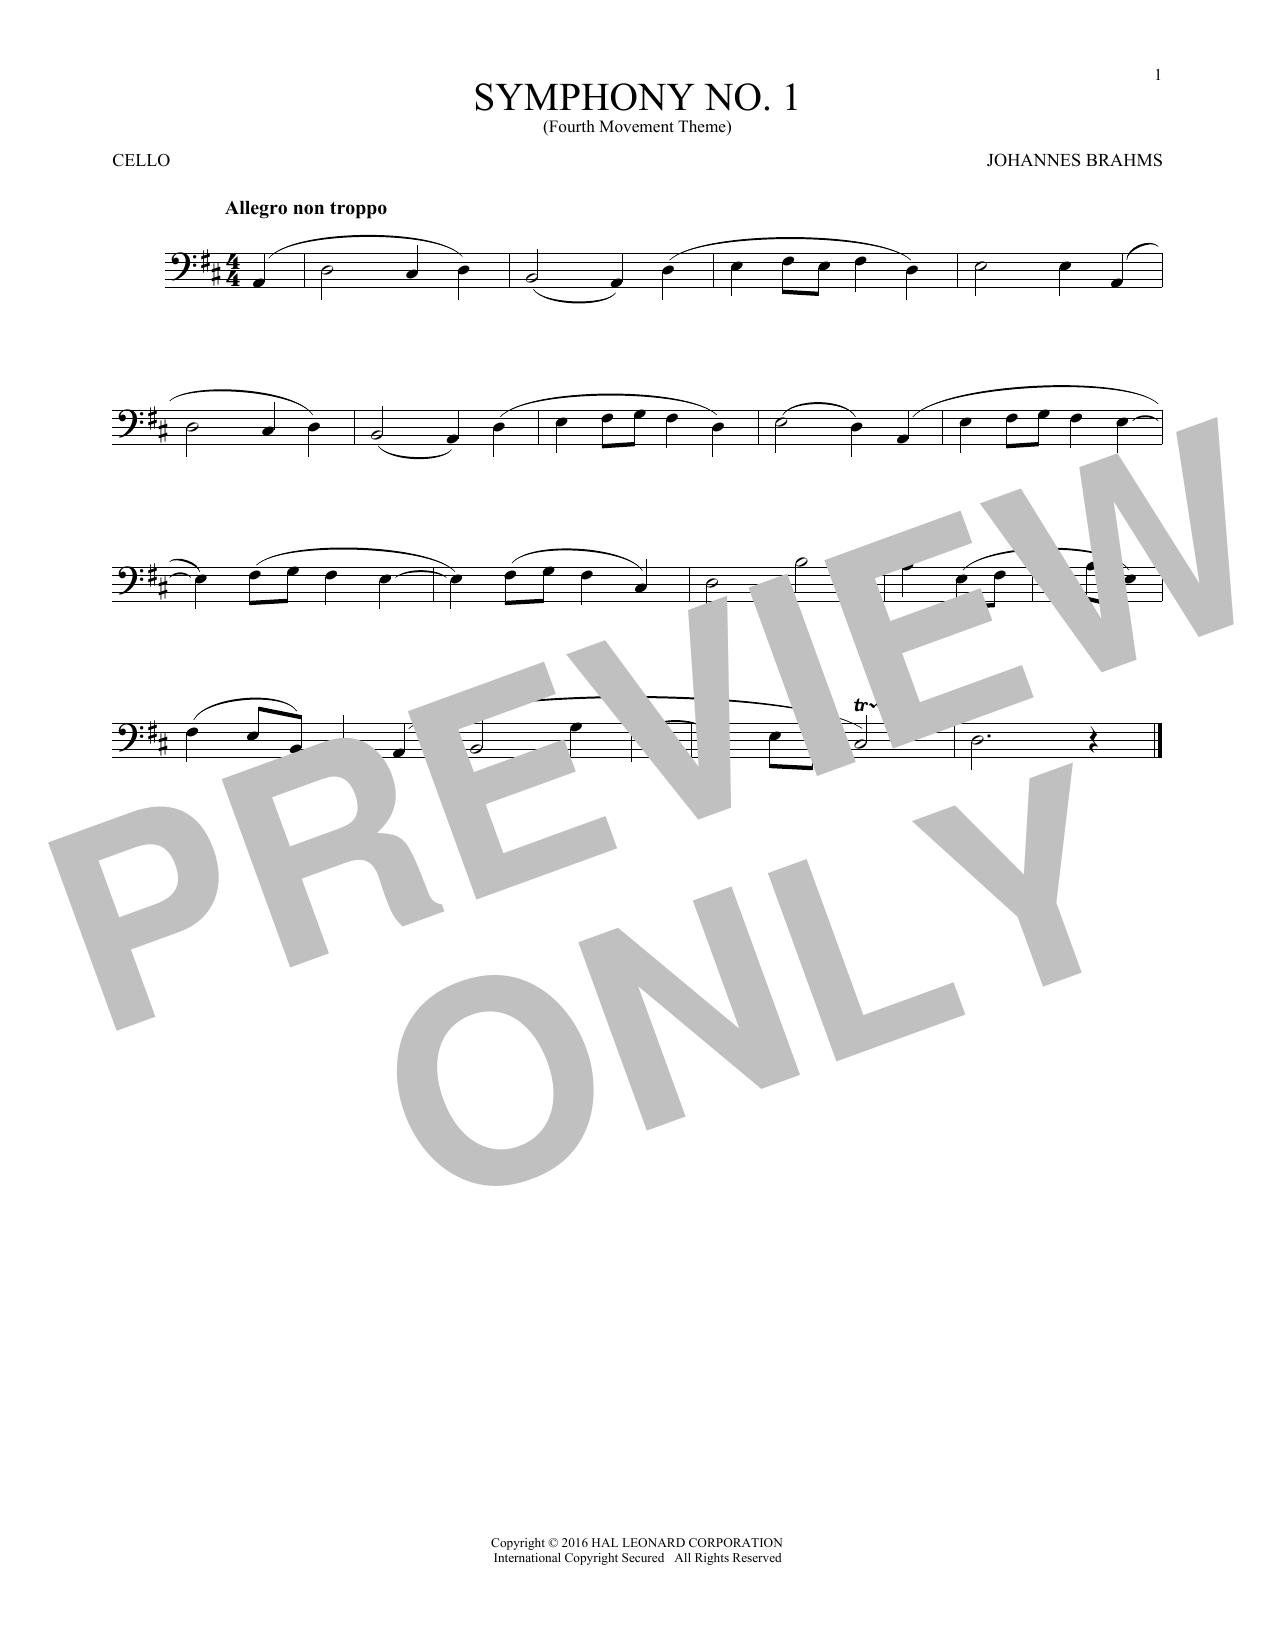 Symphony No. 1 In C Minor, Fourth Movement Excerpt (Cello Solo)